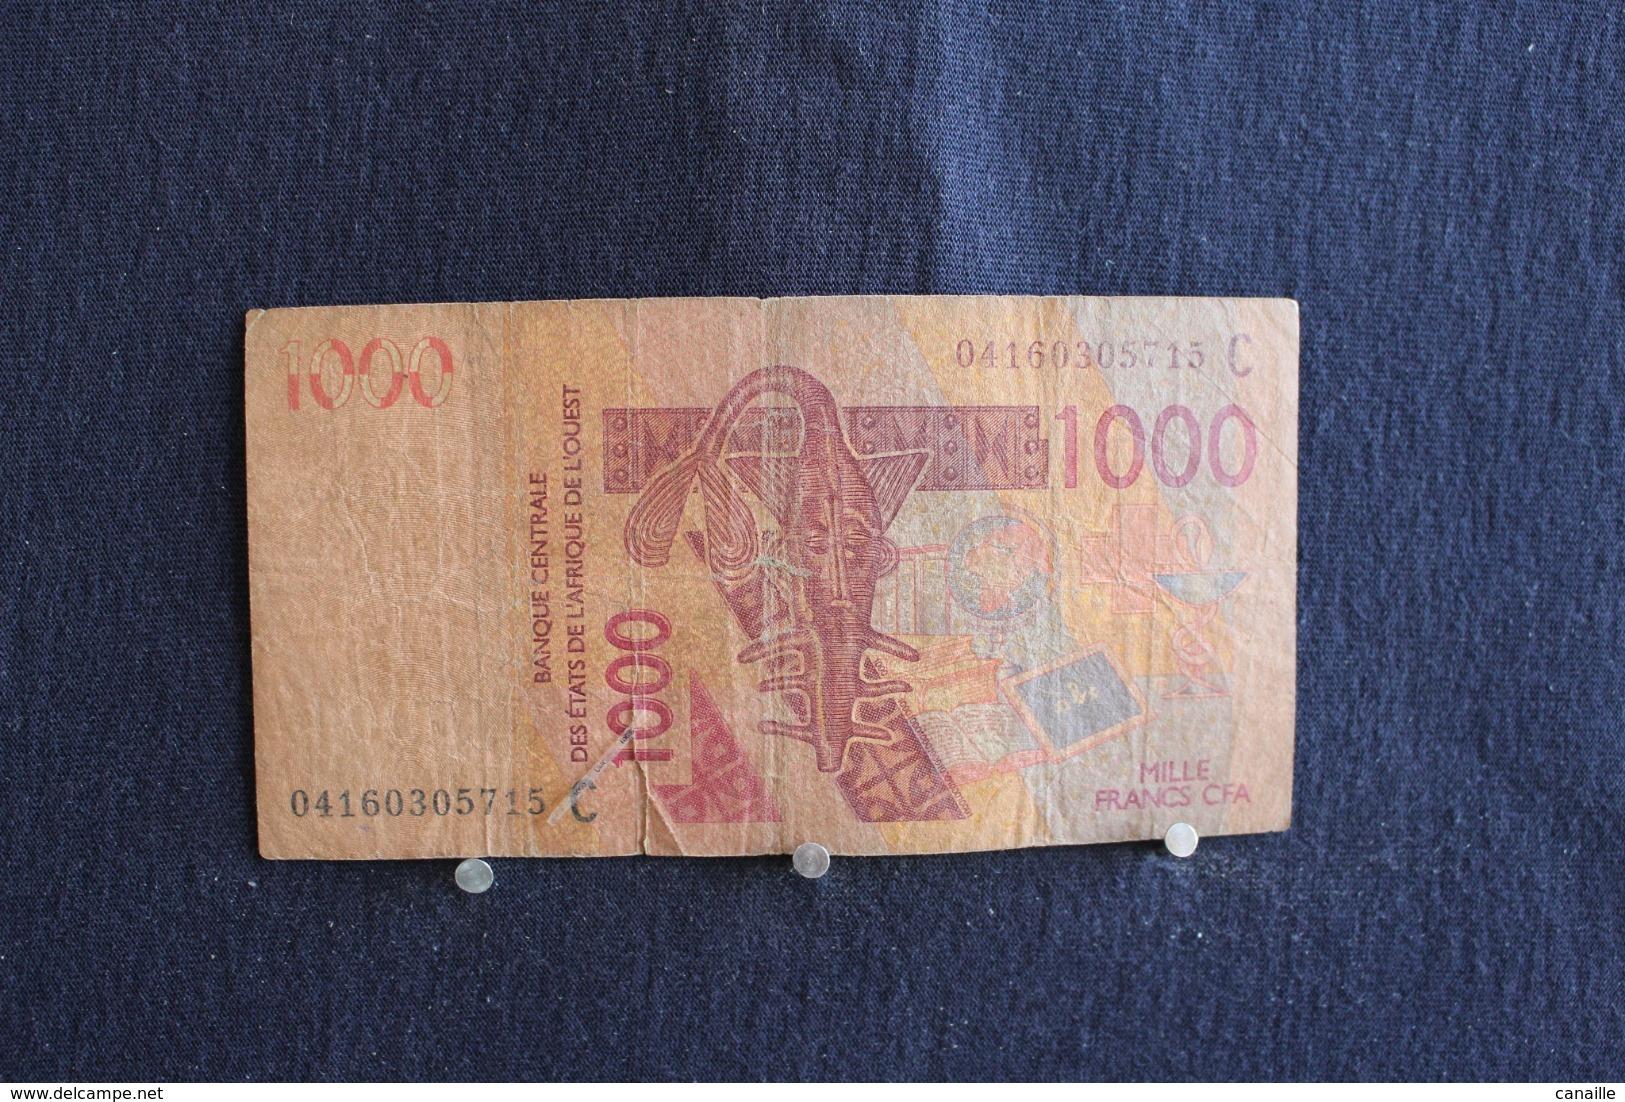 63 / Senegal, 2003 - Banque Centrale Des ètats De L'Afrique De L'ouest. 1000 Francs    /  N° 04160305715 C - Sénégal